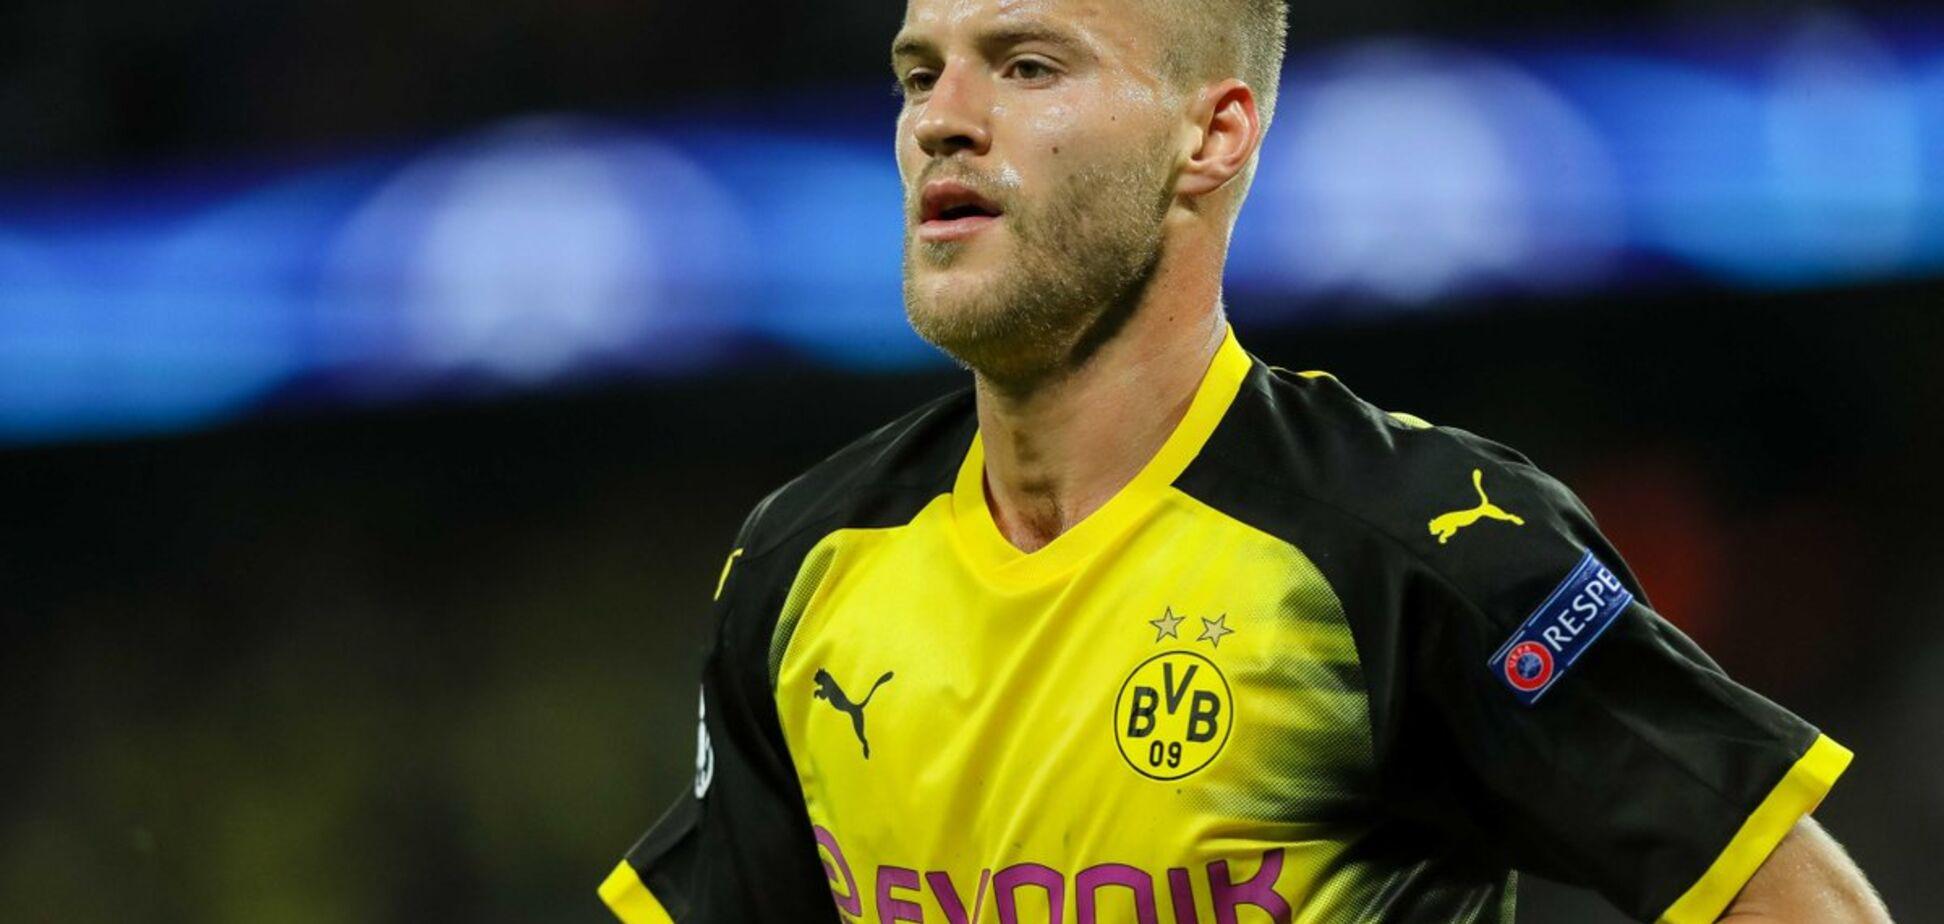 Ярмоленко забив чудовий гол з льоту в чемпіонаті Німеччини: відео шедевра